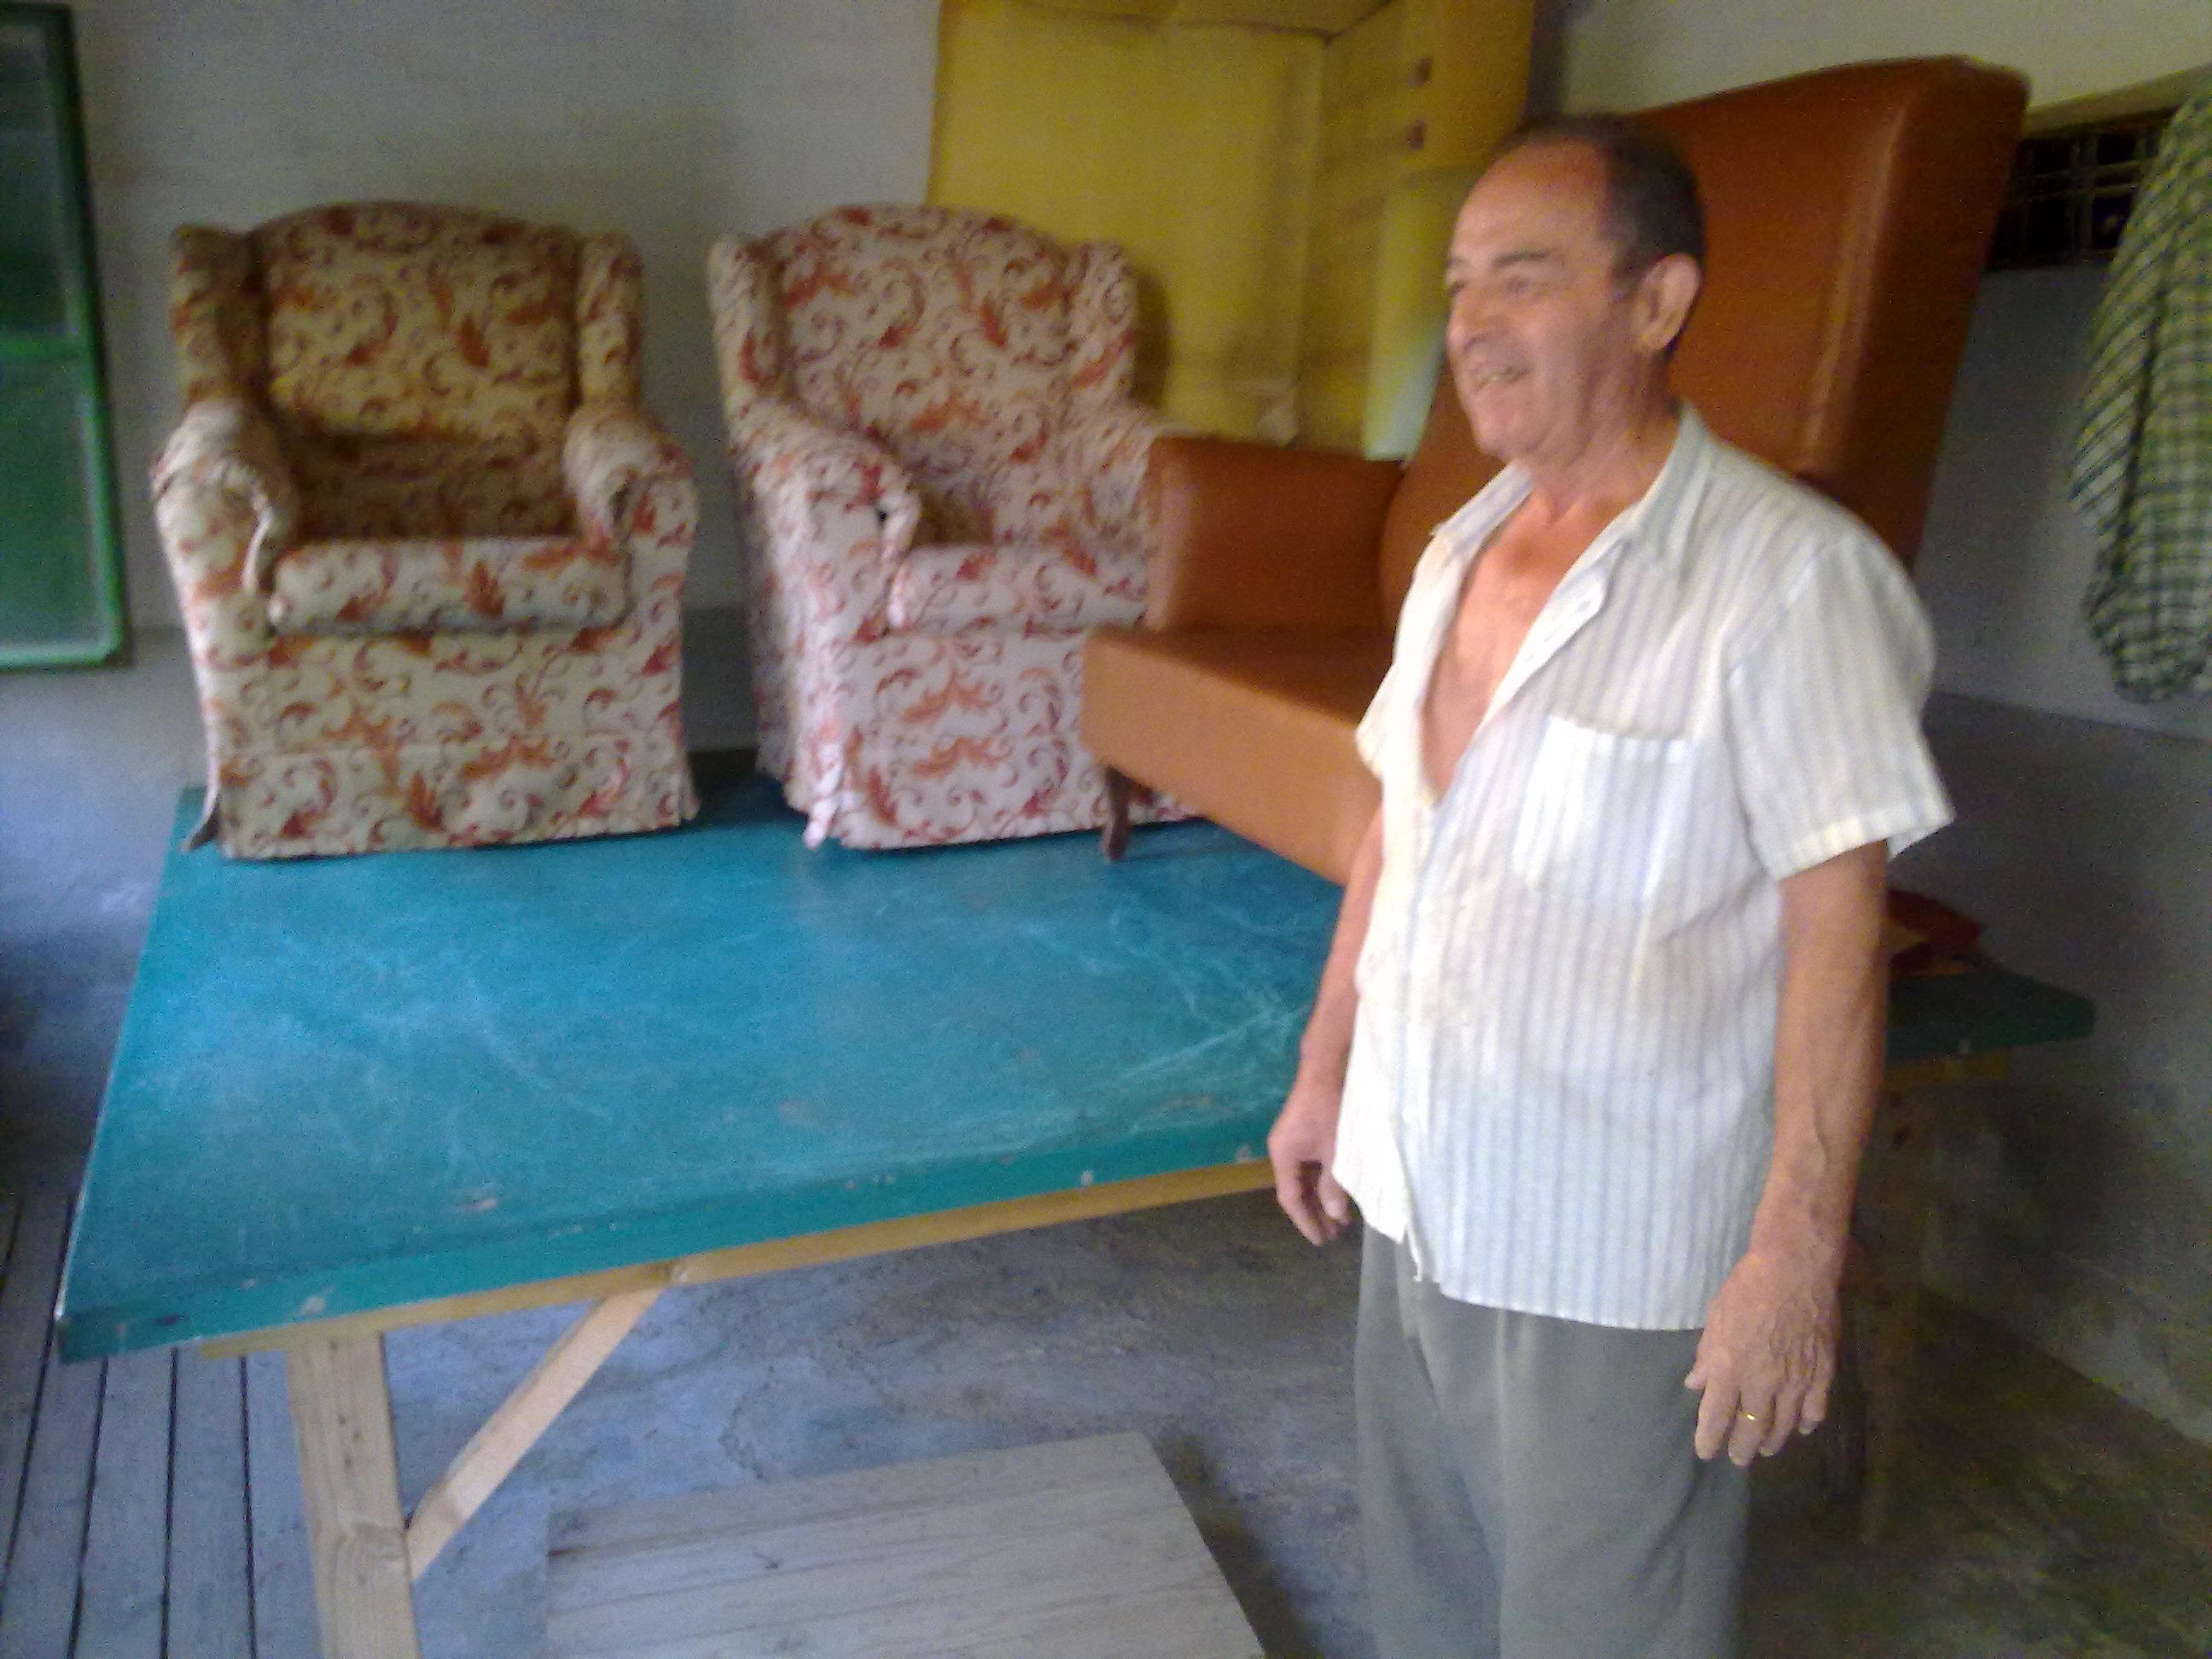 Benito Dominguez Palacios de taxista a tapicero